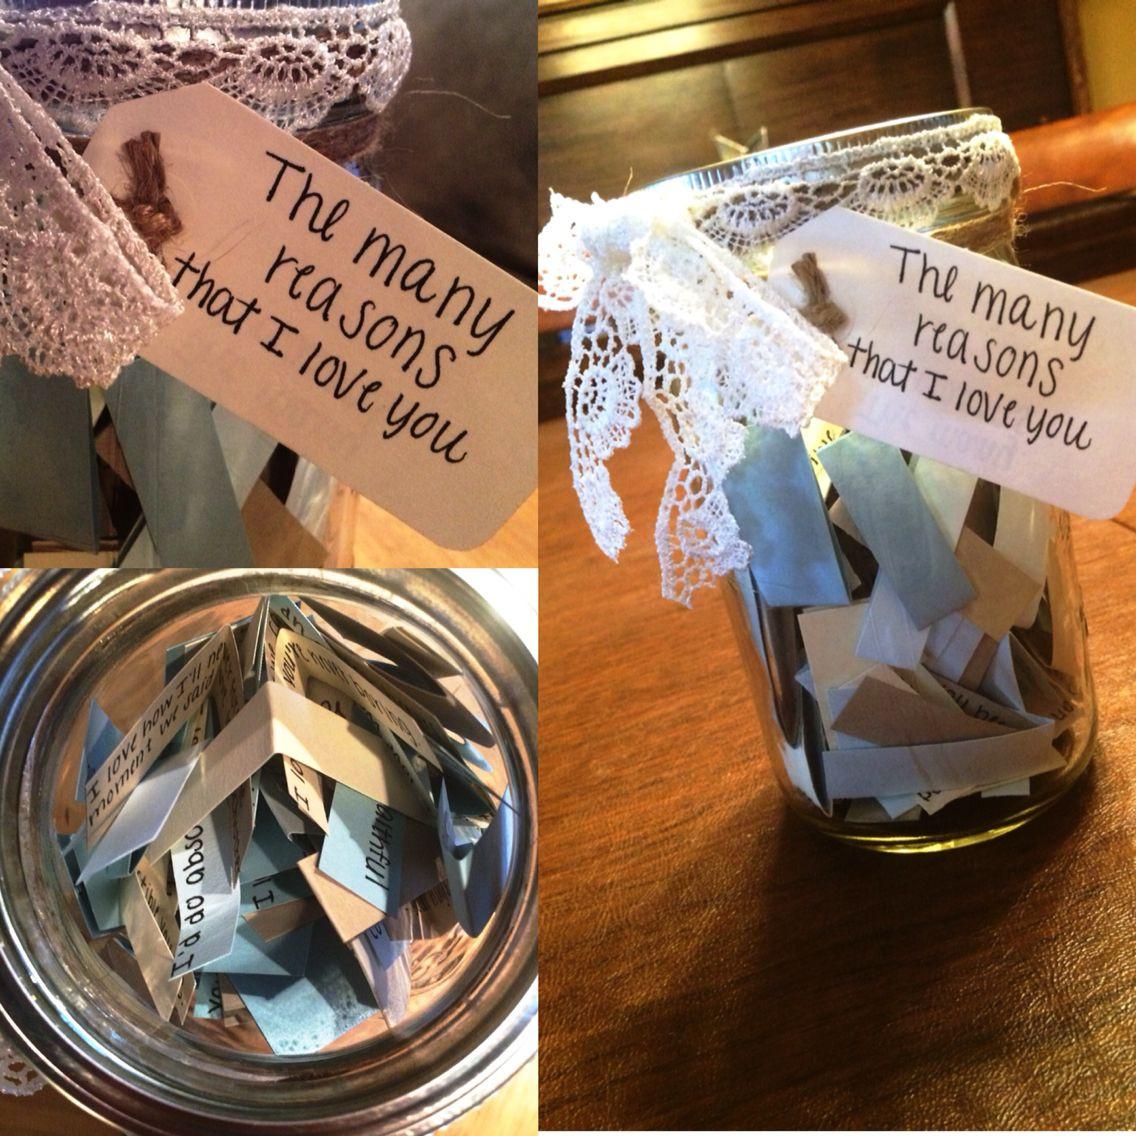 Cute Sentimental Gift Ideas For Boyfriend  DIY reasons why I love you t for boyfriend or